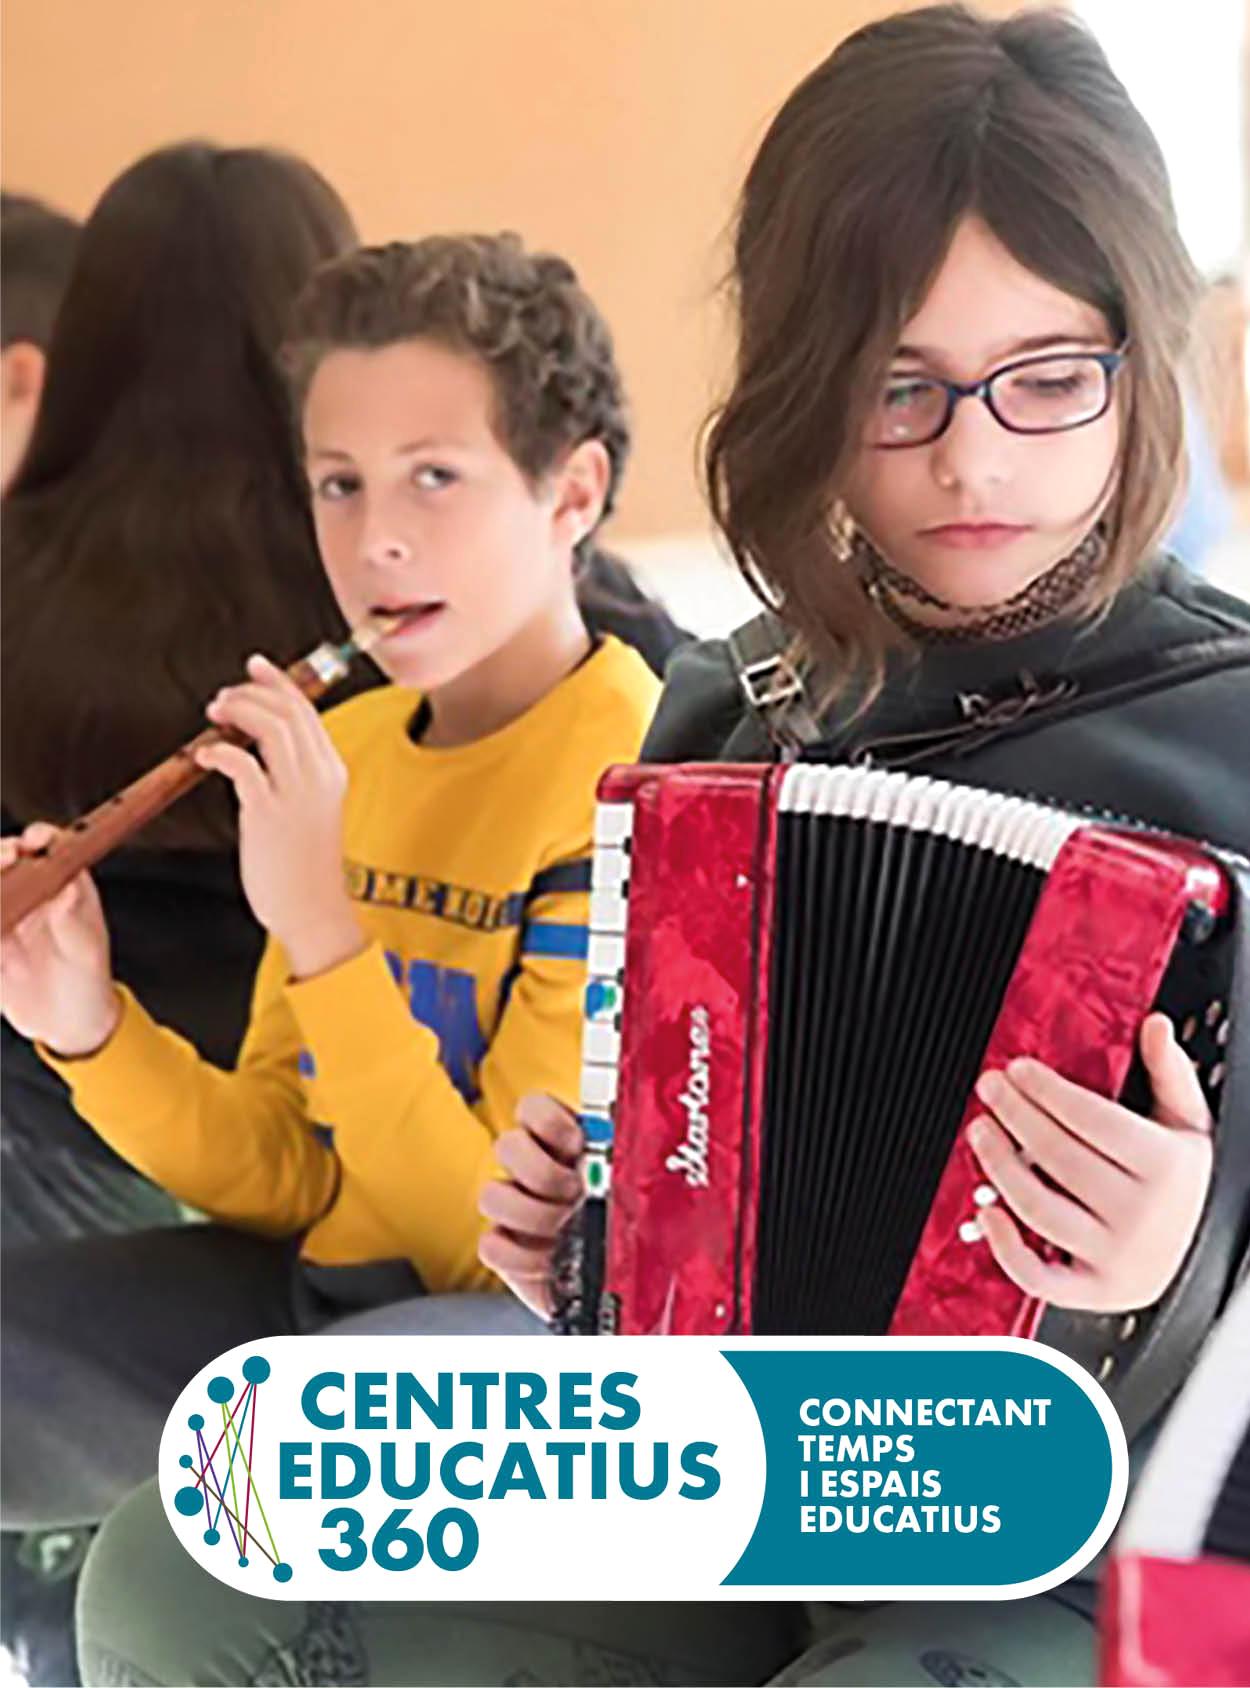 2_centreseducatius_musica.jpg